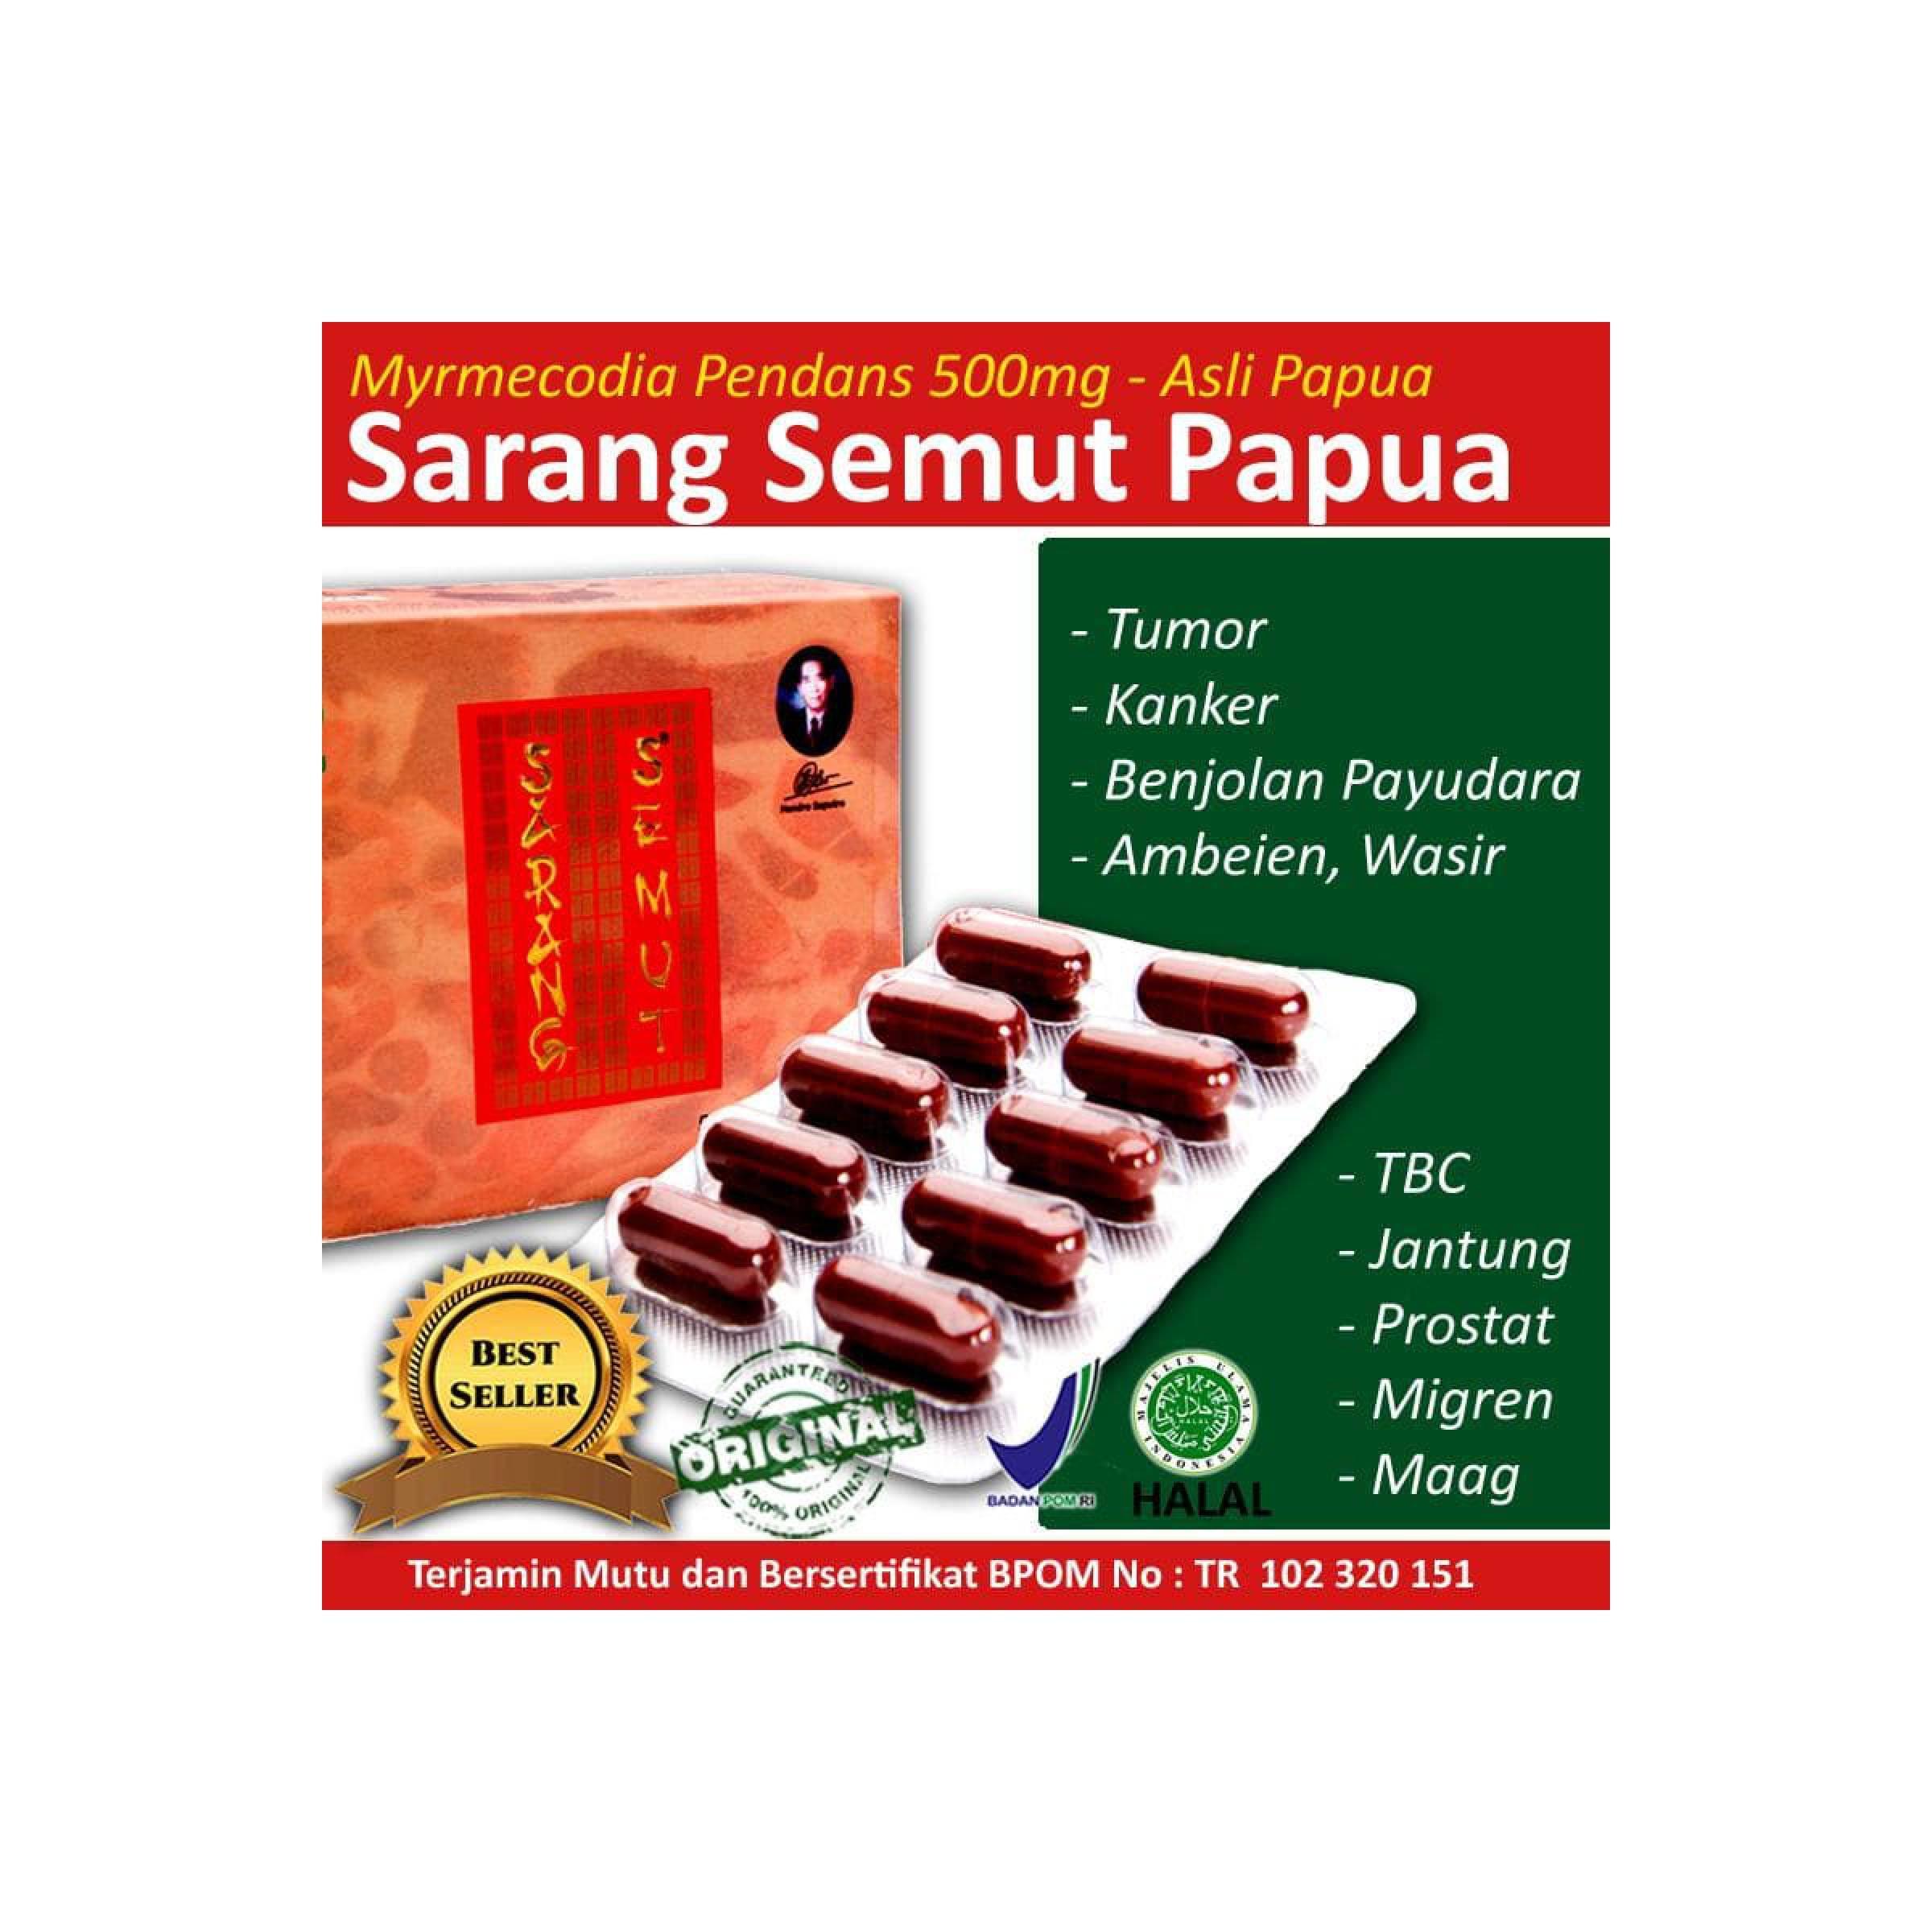 ... Obat Herbal Sarang Semut Dari Papua untuk Jantung dan LiverIDR200000 Rp 200 000